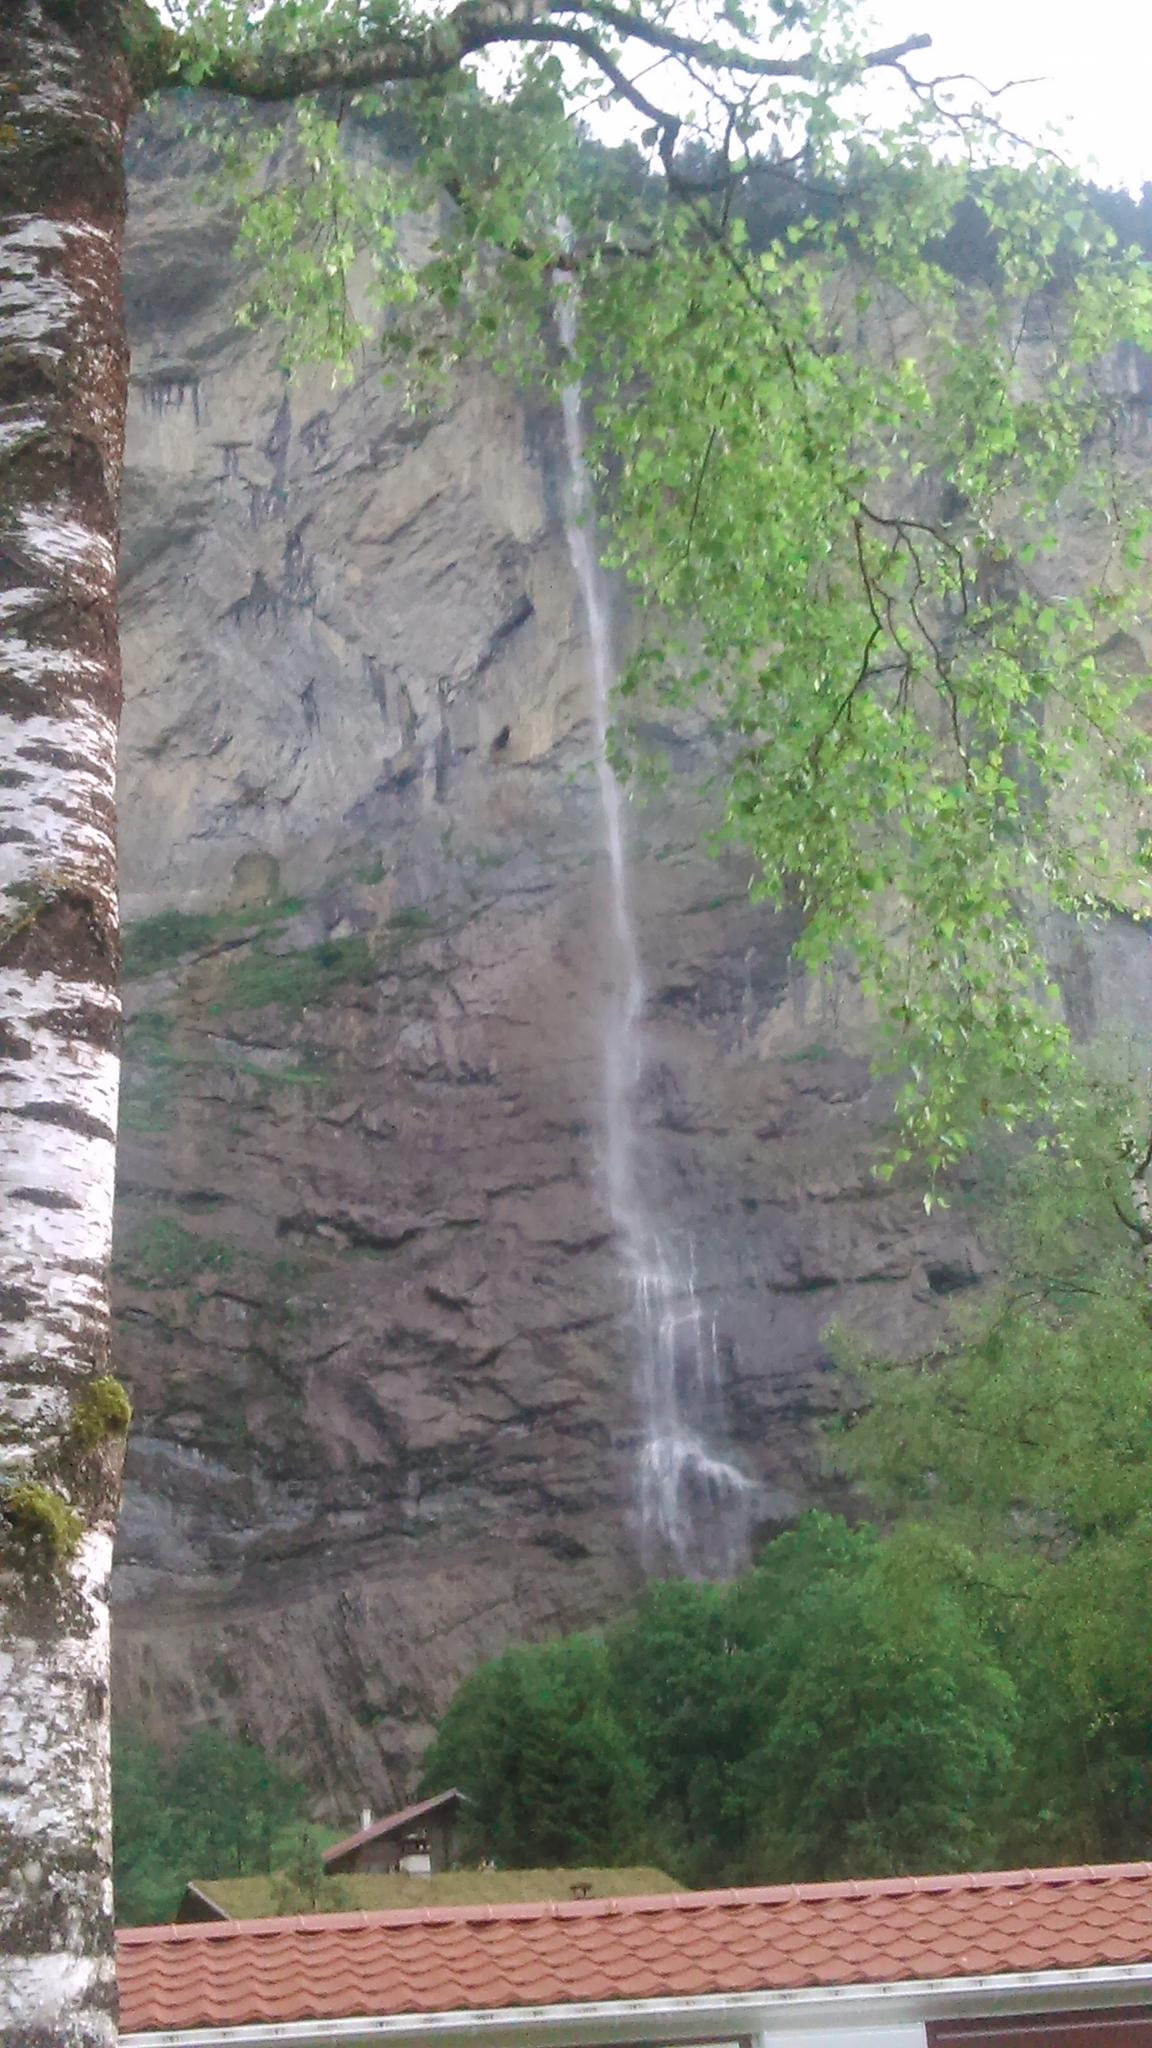 Jungfrau falls by Geoff Munro